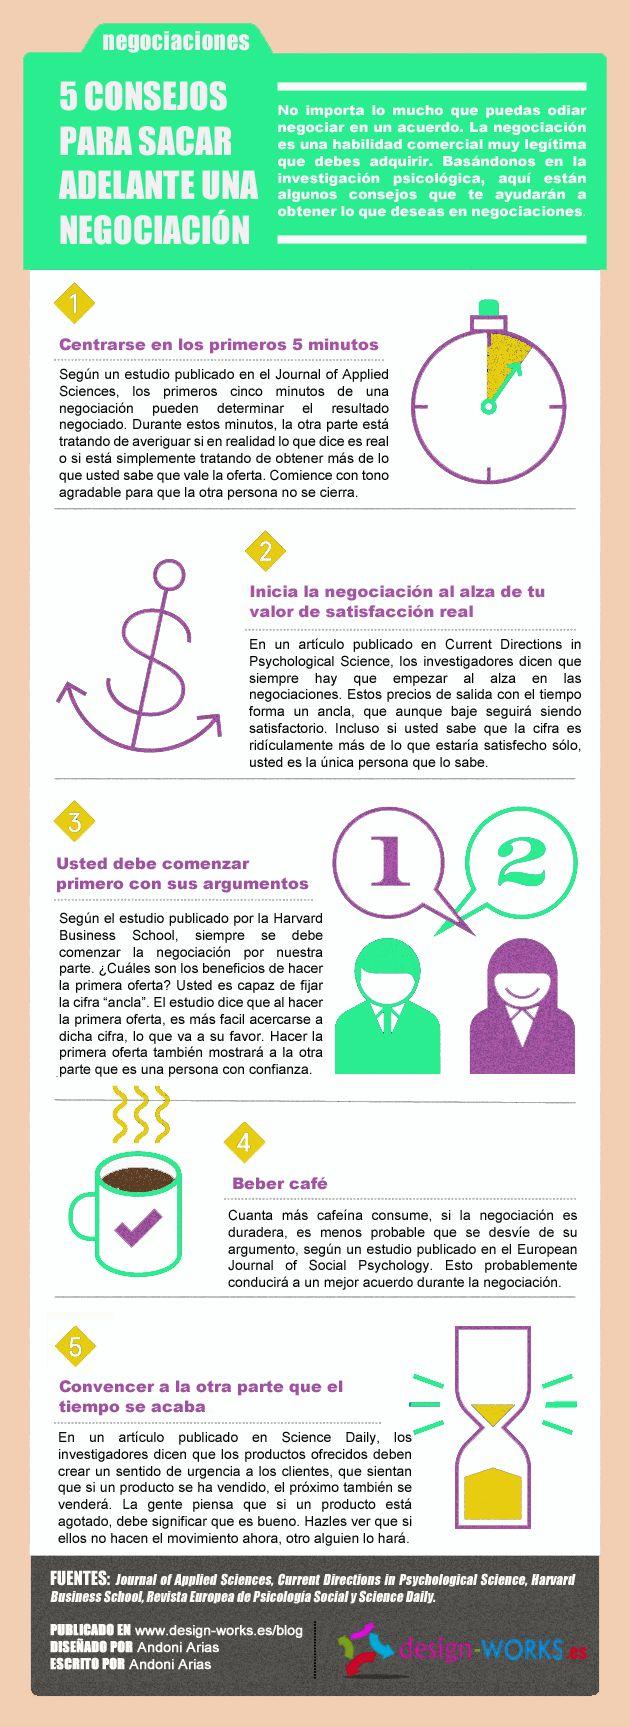 5 consejos para sacar adelante una negociación #infografia #infographic